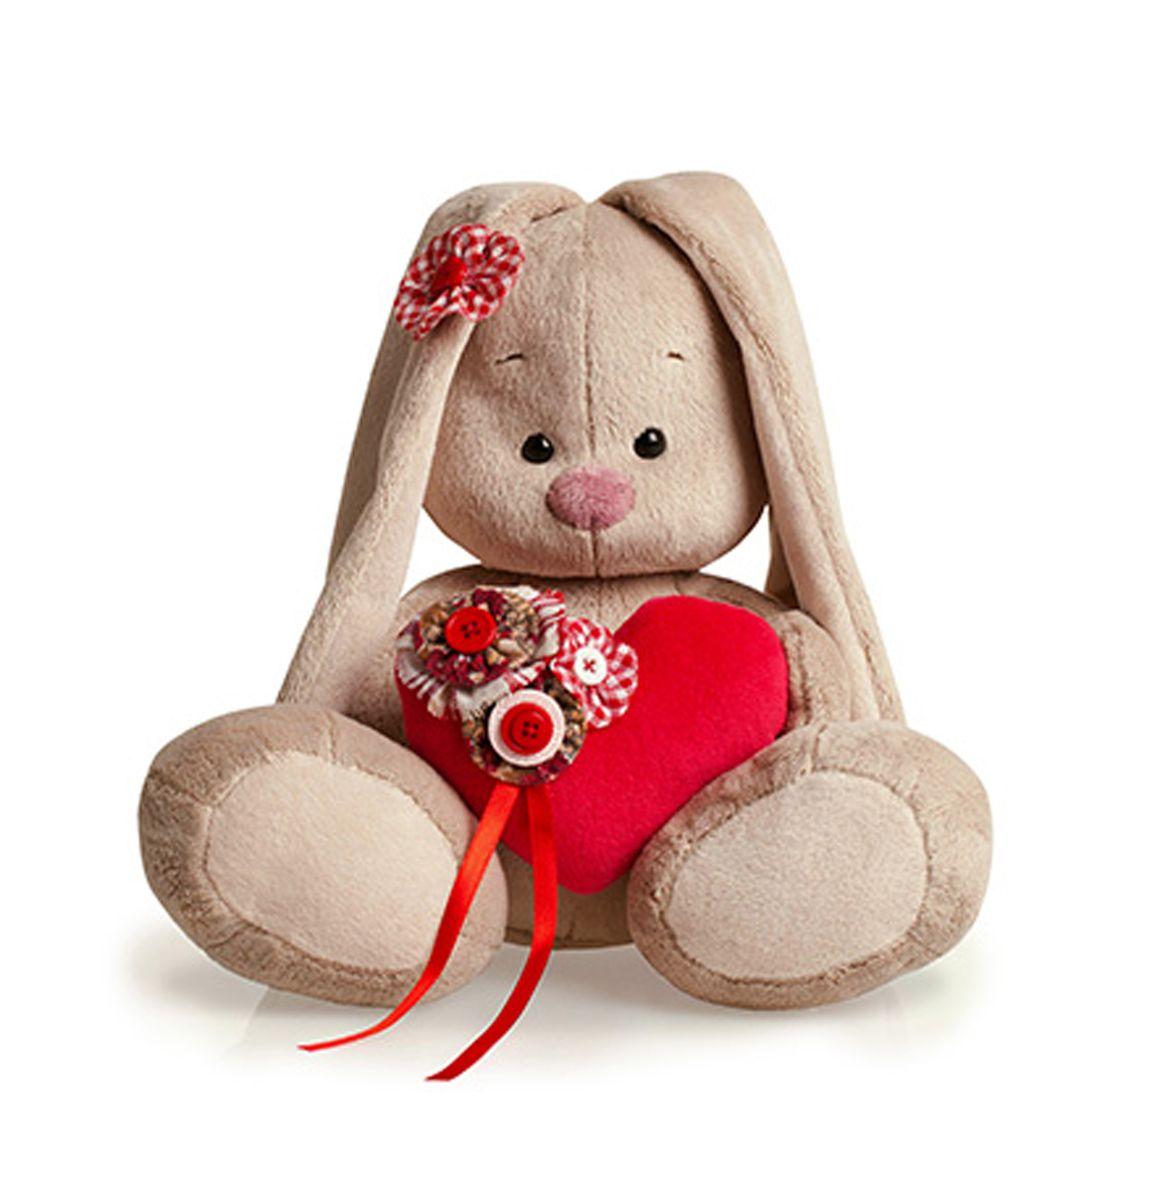 Мягкая игрушка Зайка Ми с сердечком 23 смSidM-011Алое бархатное сердечко, украшенное цветами из цветного хлопка с красно-белыми пуговками. В комплекте – оригинальный цветок на ушко, сшитое из ситца в красно-белую клеточку с пуговкой-сердечком.